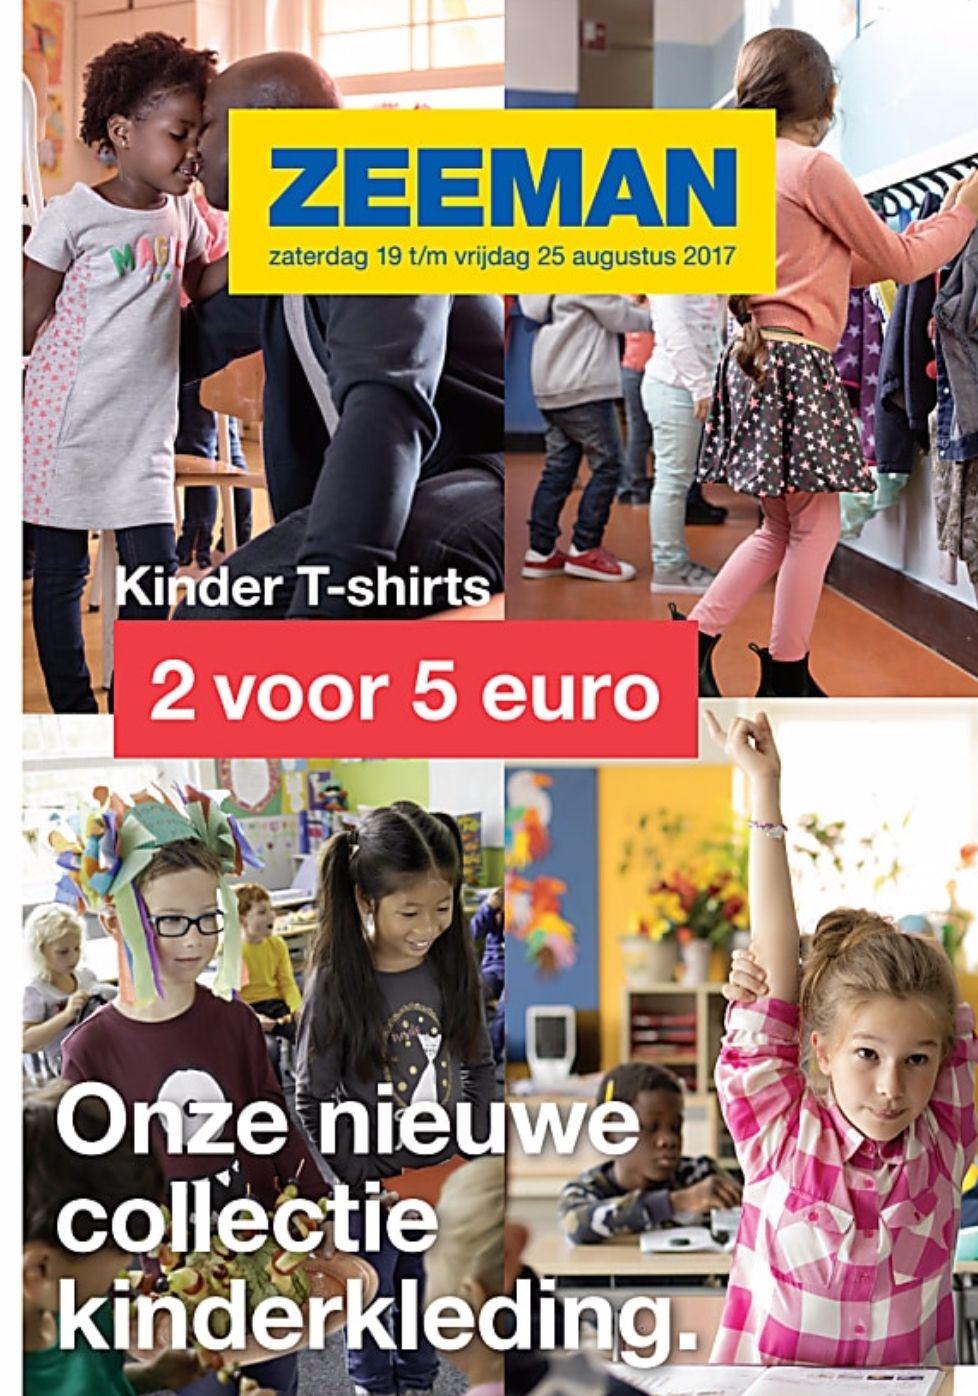 2 kinder tshirts voor €5 @ Zeeman